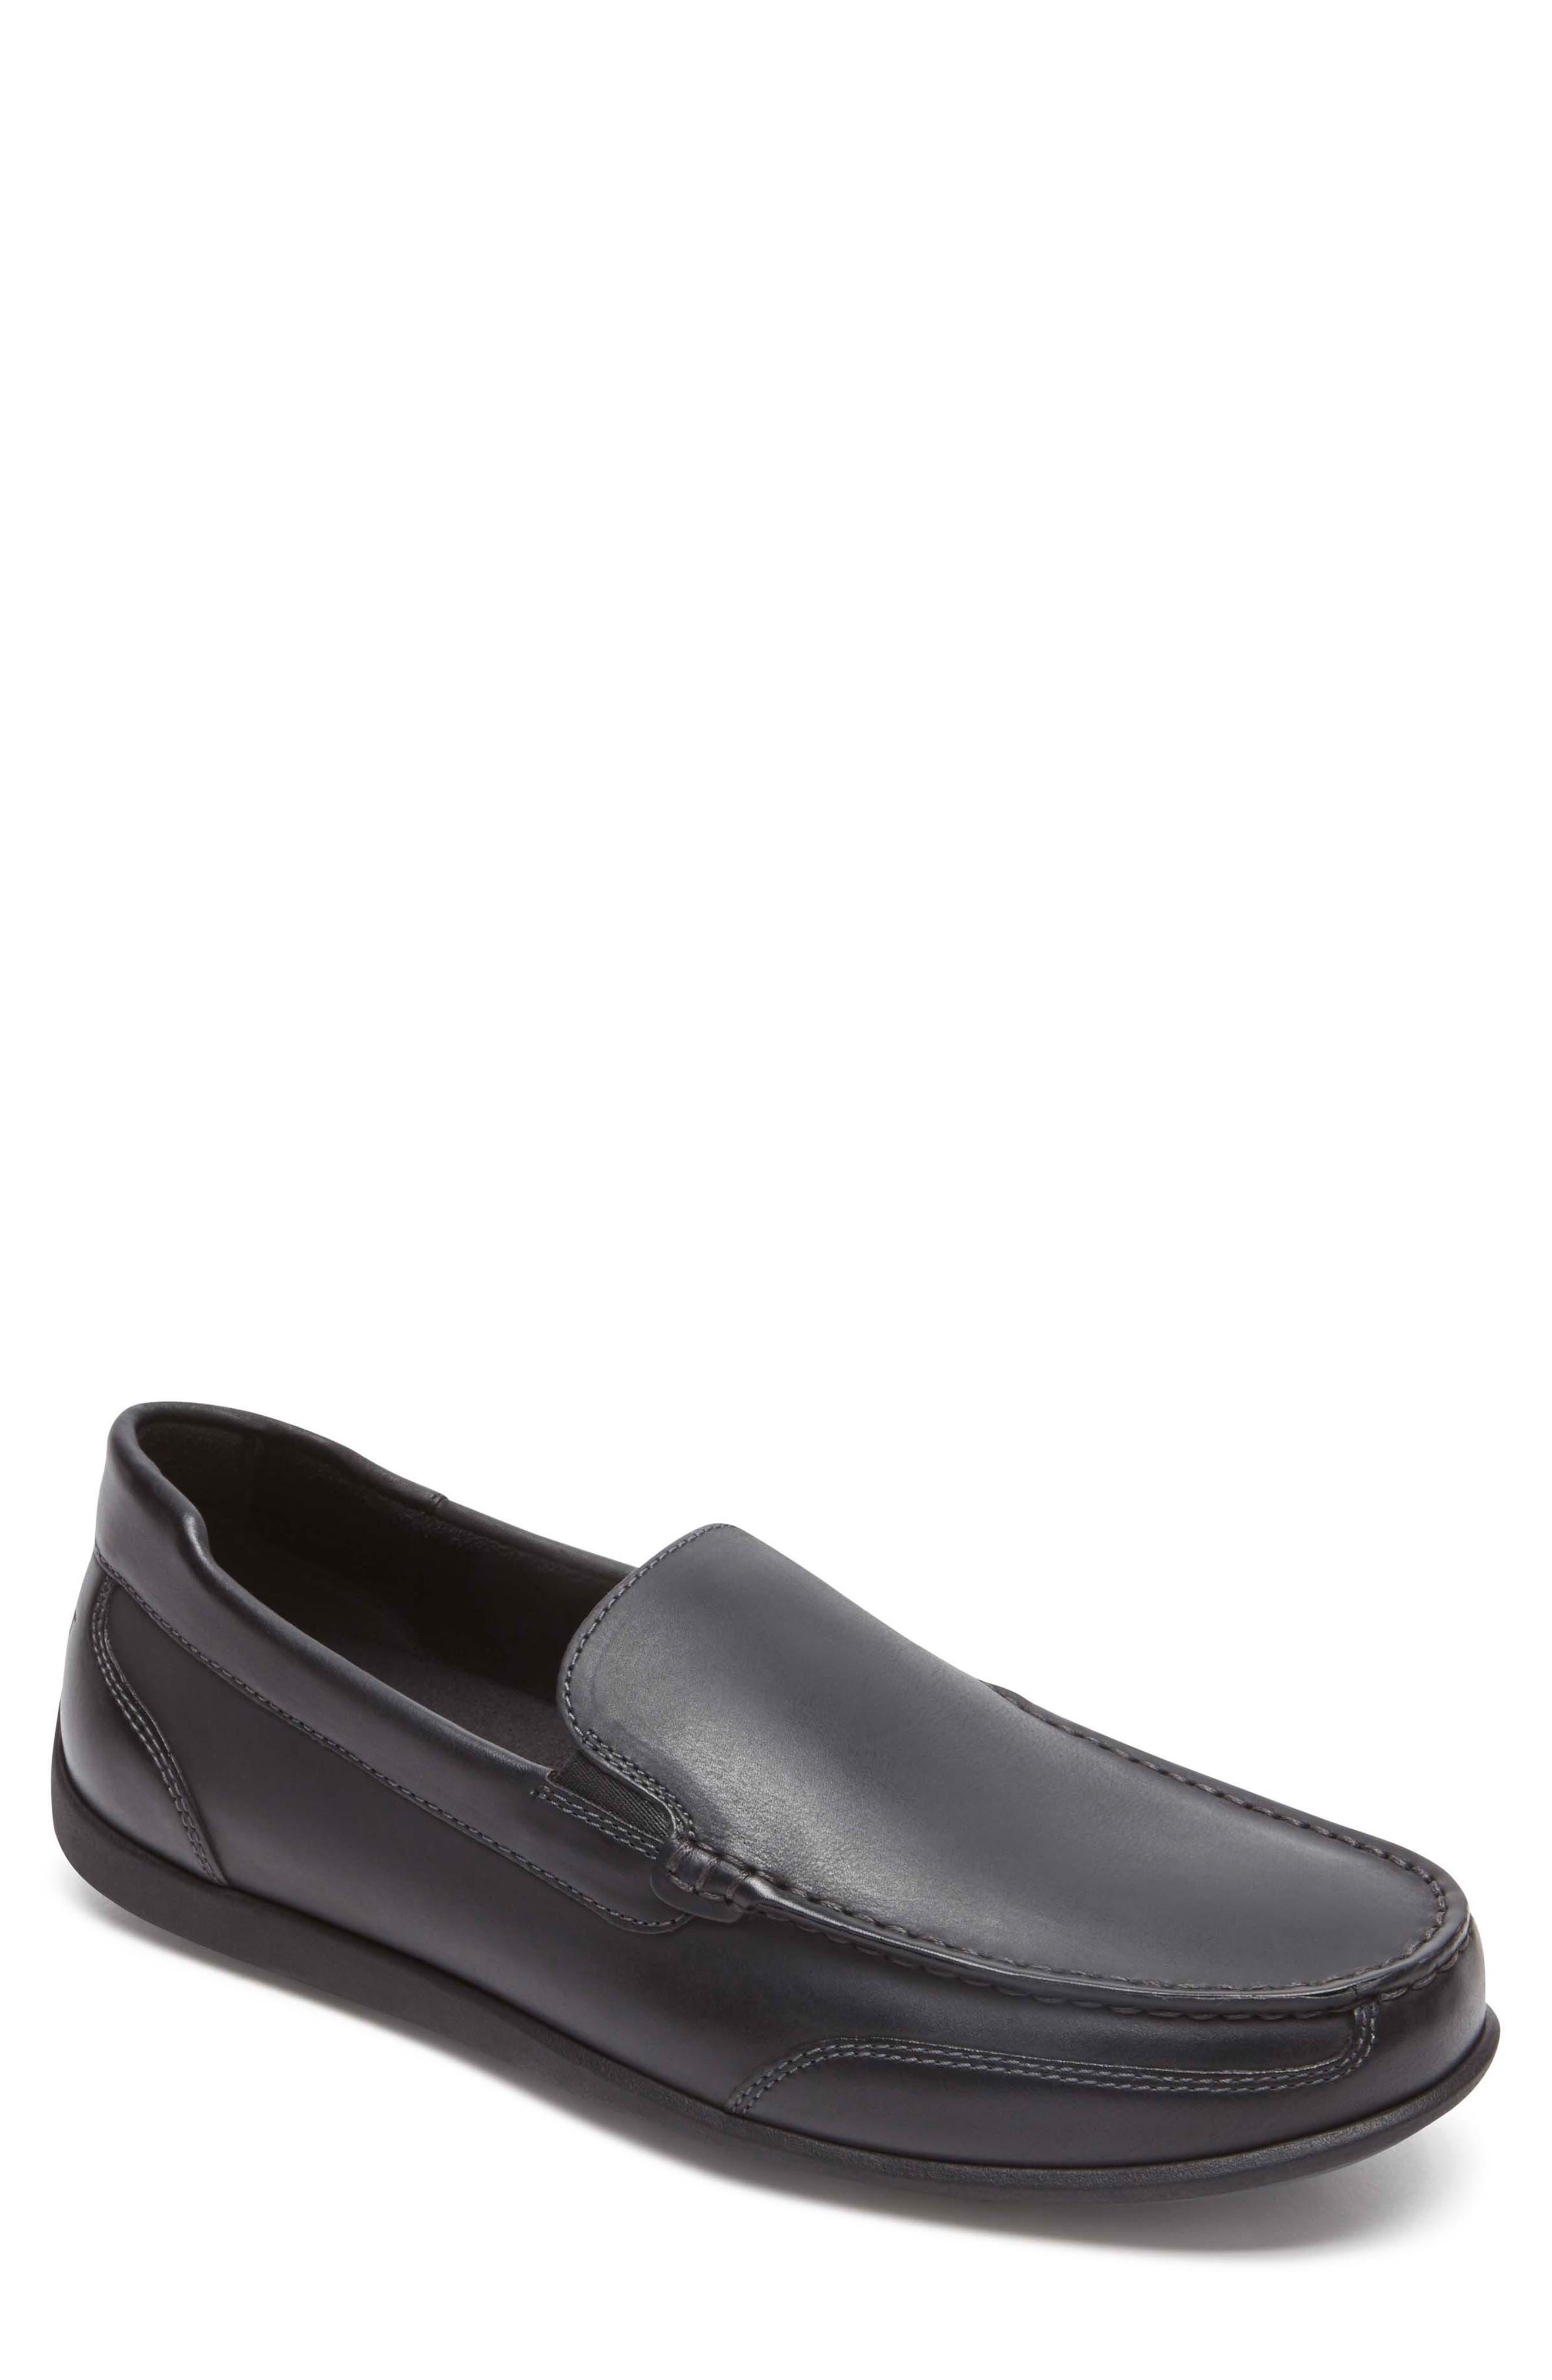 Bennett Lane Slip-On,                         Main,                         color, BLACK LEATHER